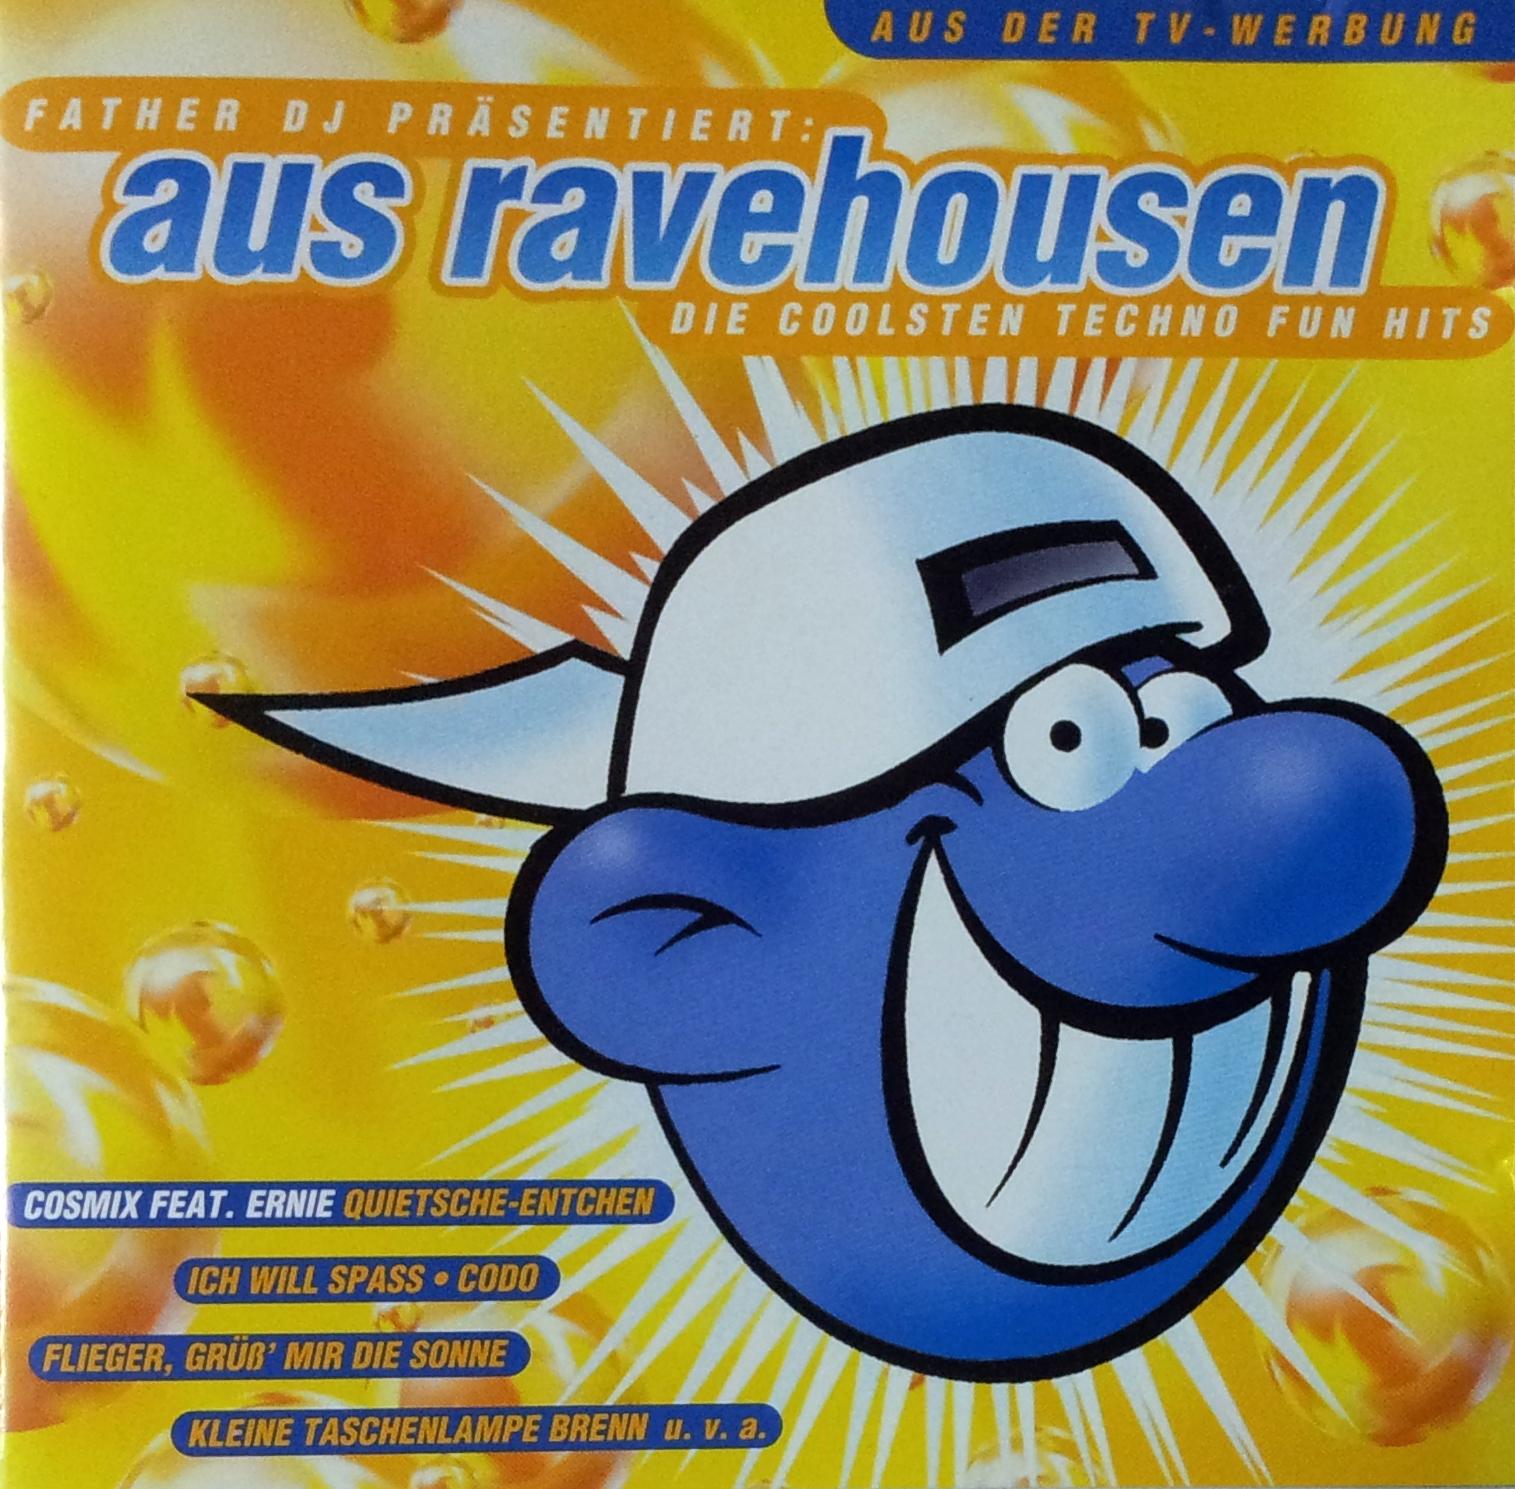 Aus Ravehousen - Father DJ präsentiert die coolsten Techno Fun Hits